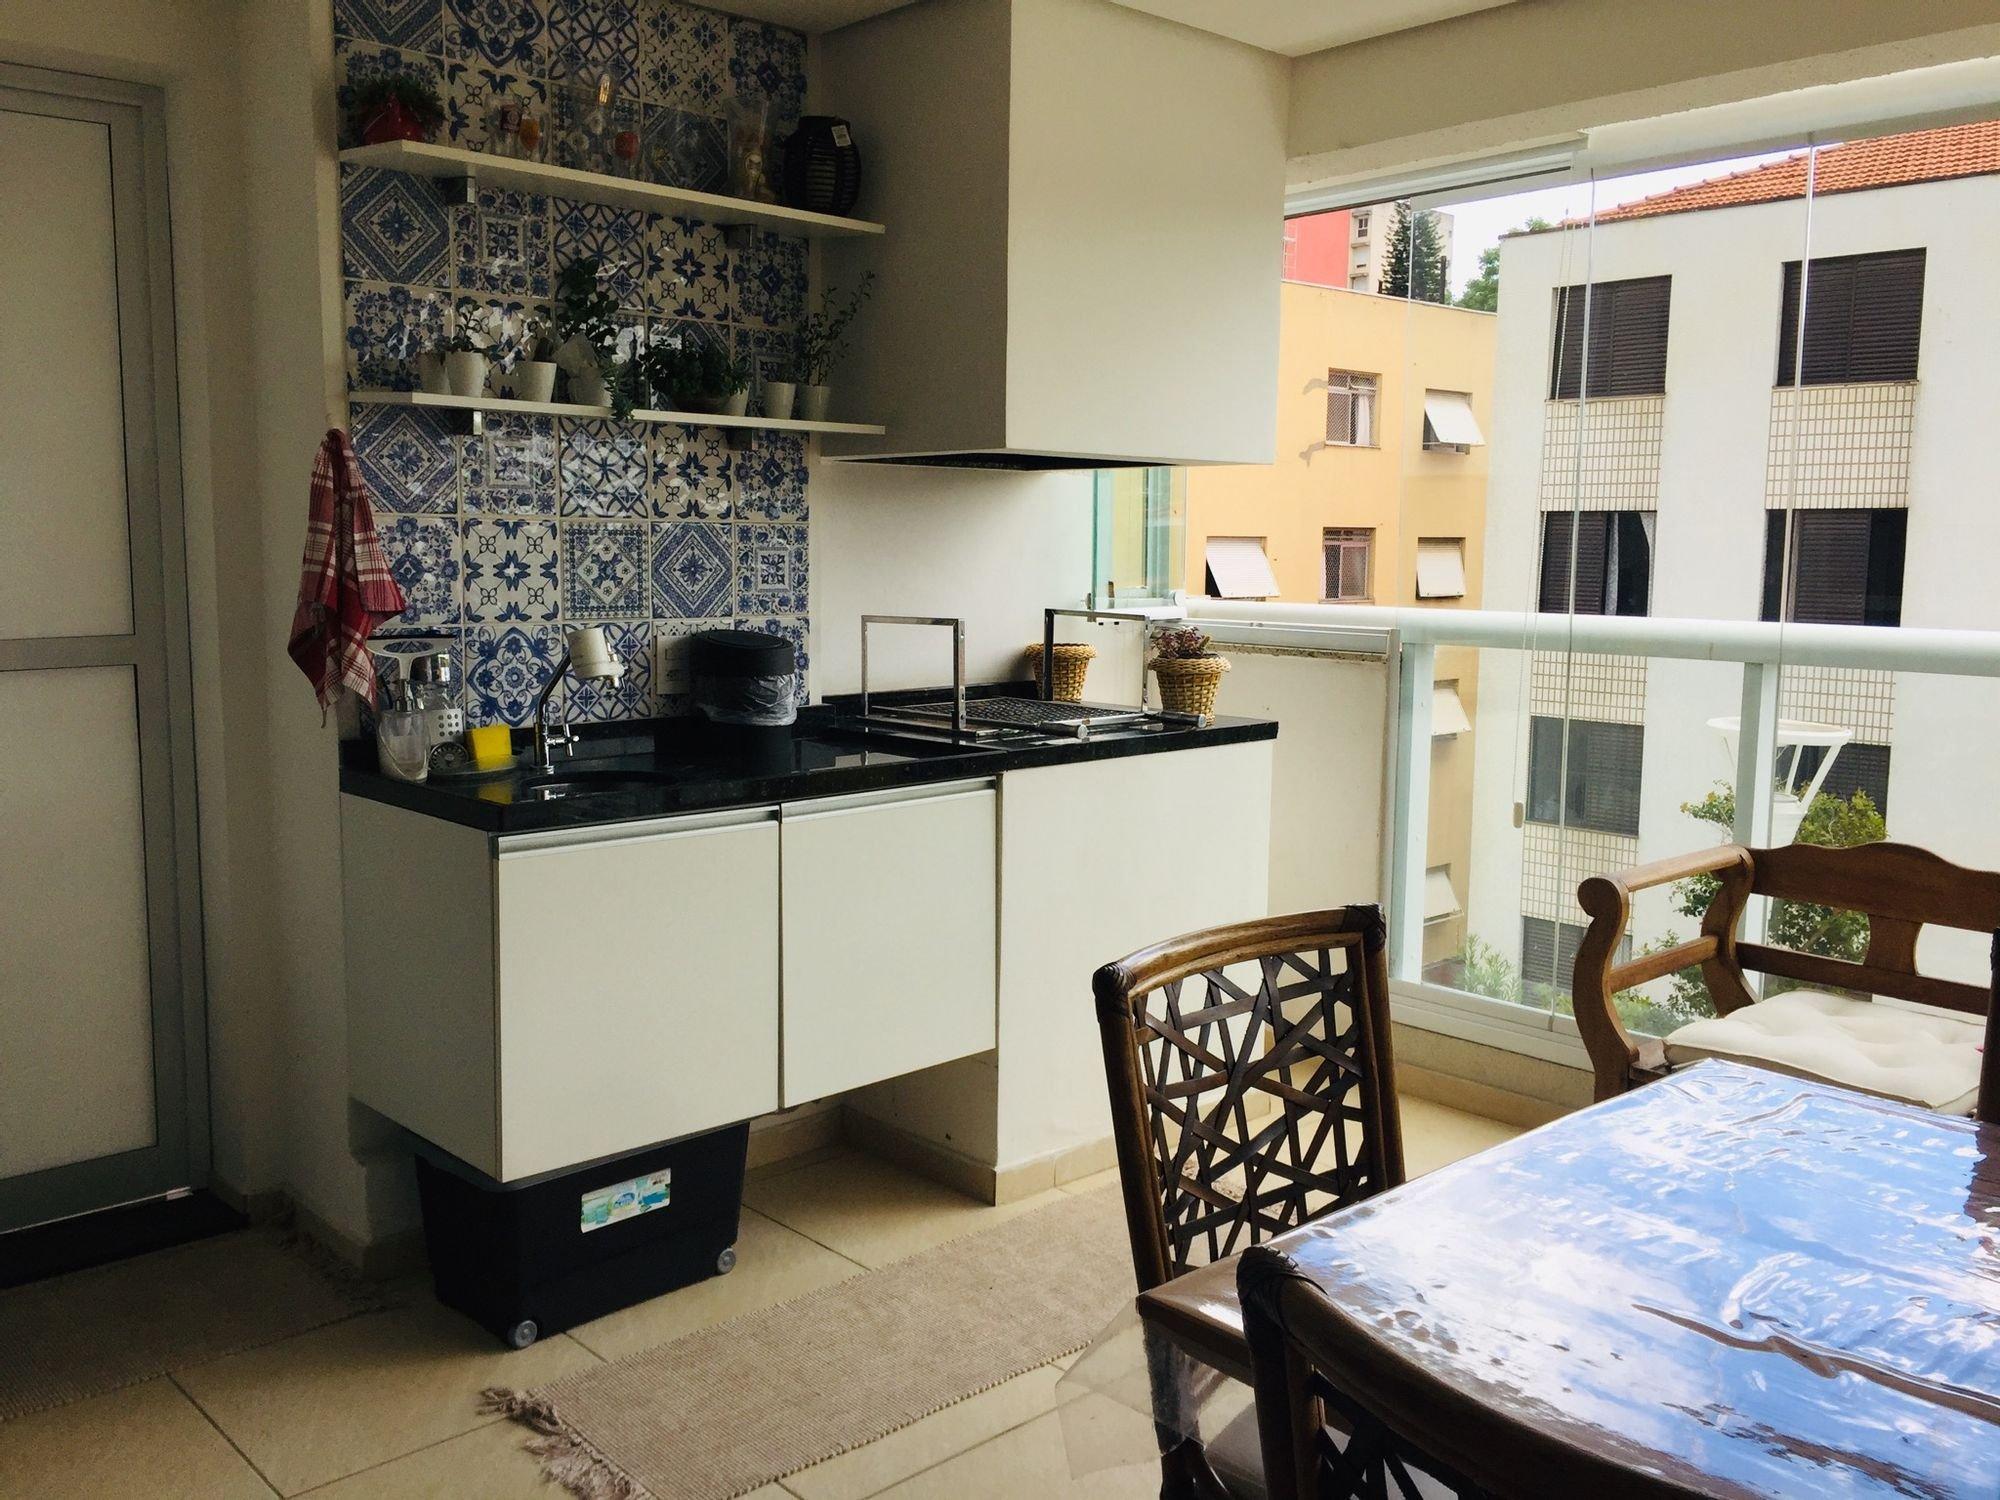 Foto de Cozinha com vaso de planta, vaso, cadeira, mesa de jantar